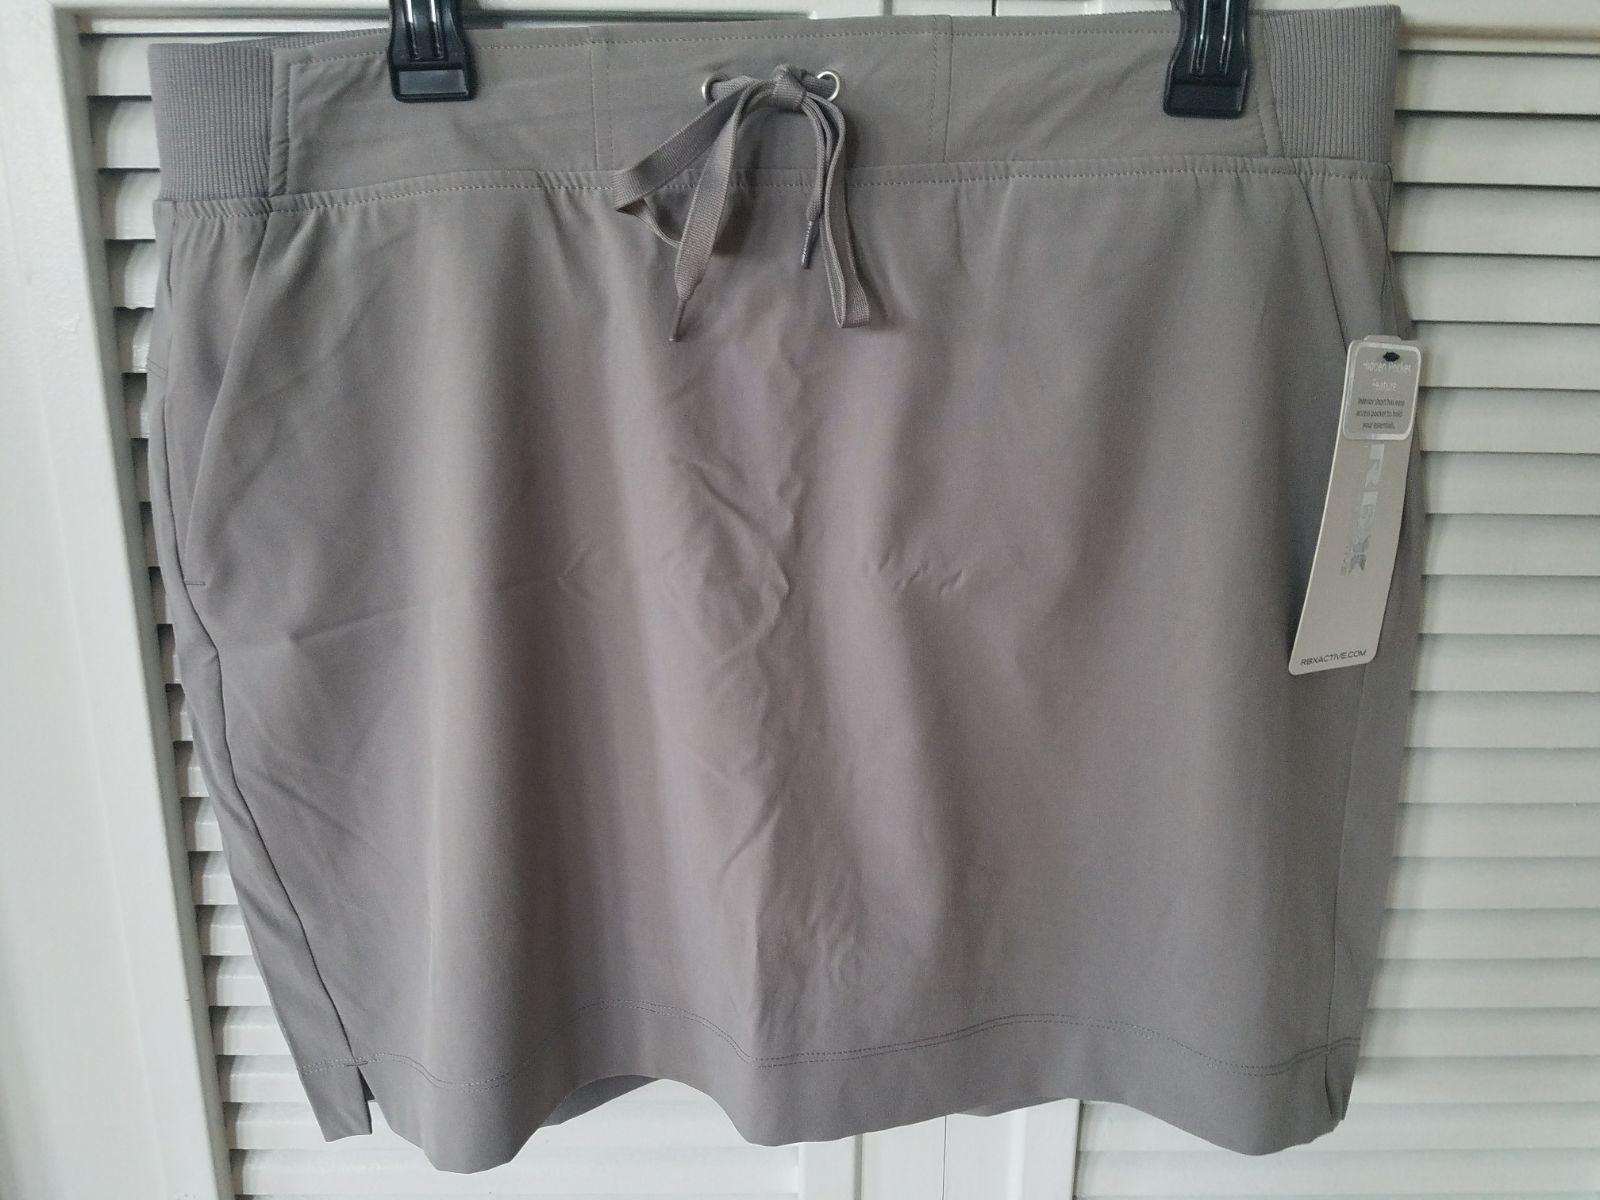 NWT RBX skort/skirt size LARGE. I have 2